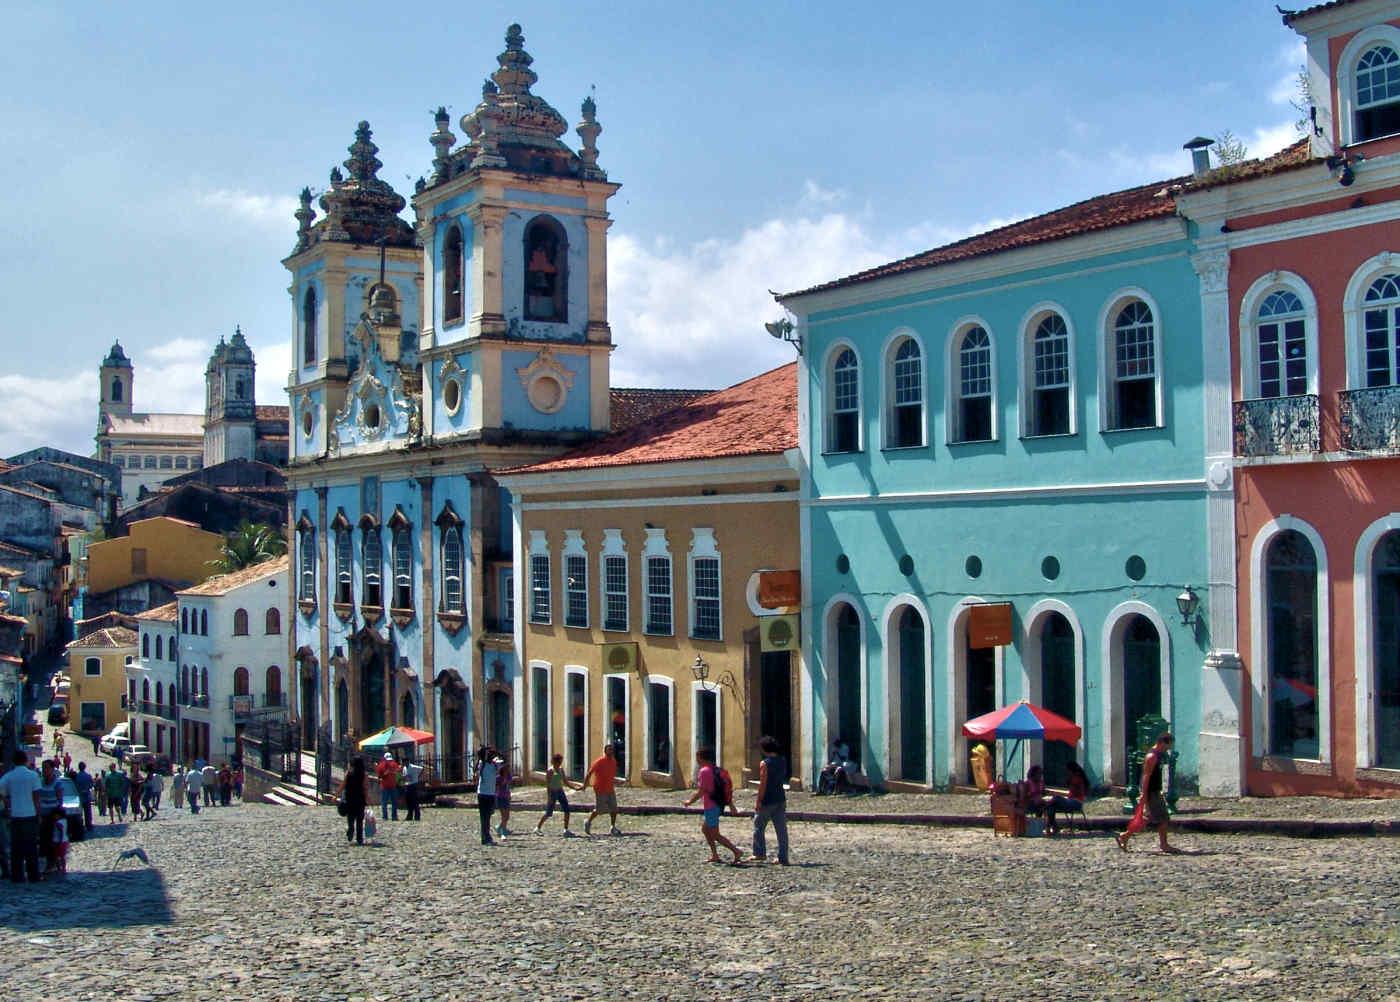 Salvador in Brazil